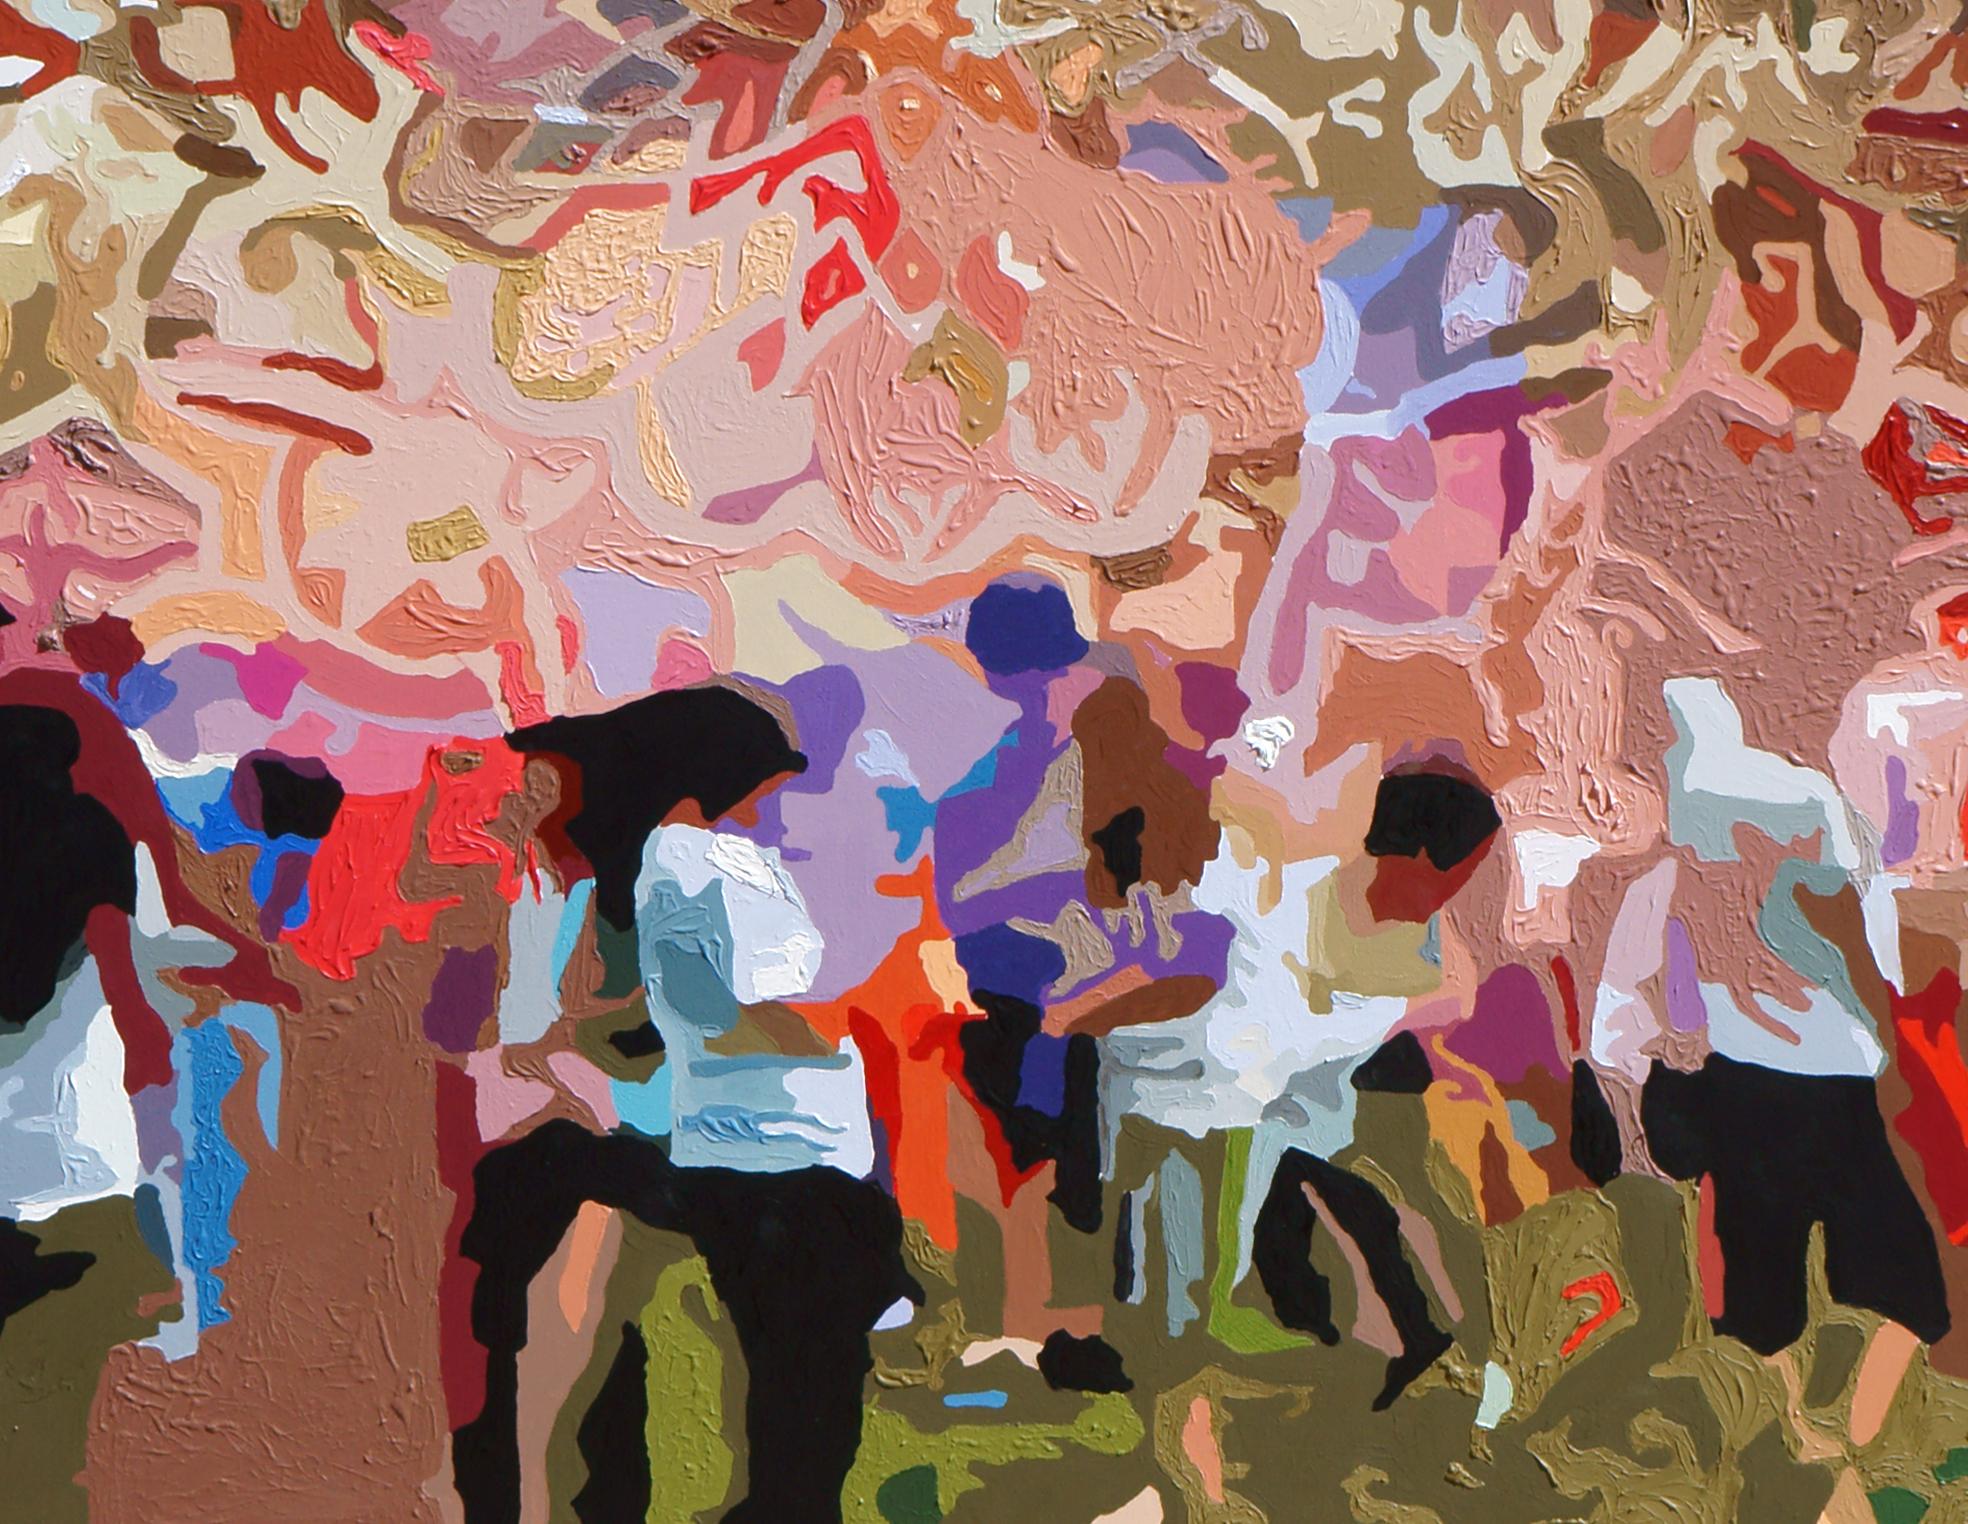 Detail of Harvard Mural Project, 2013